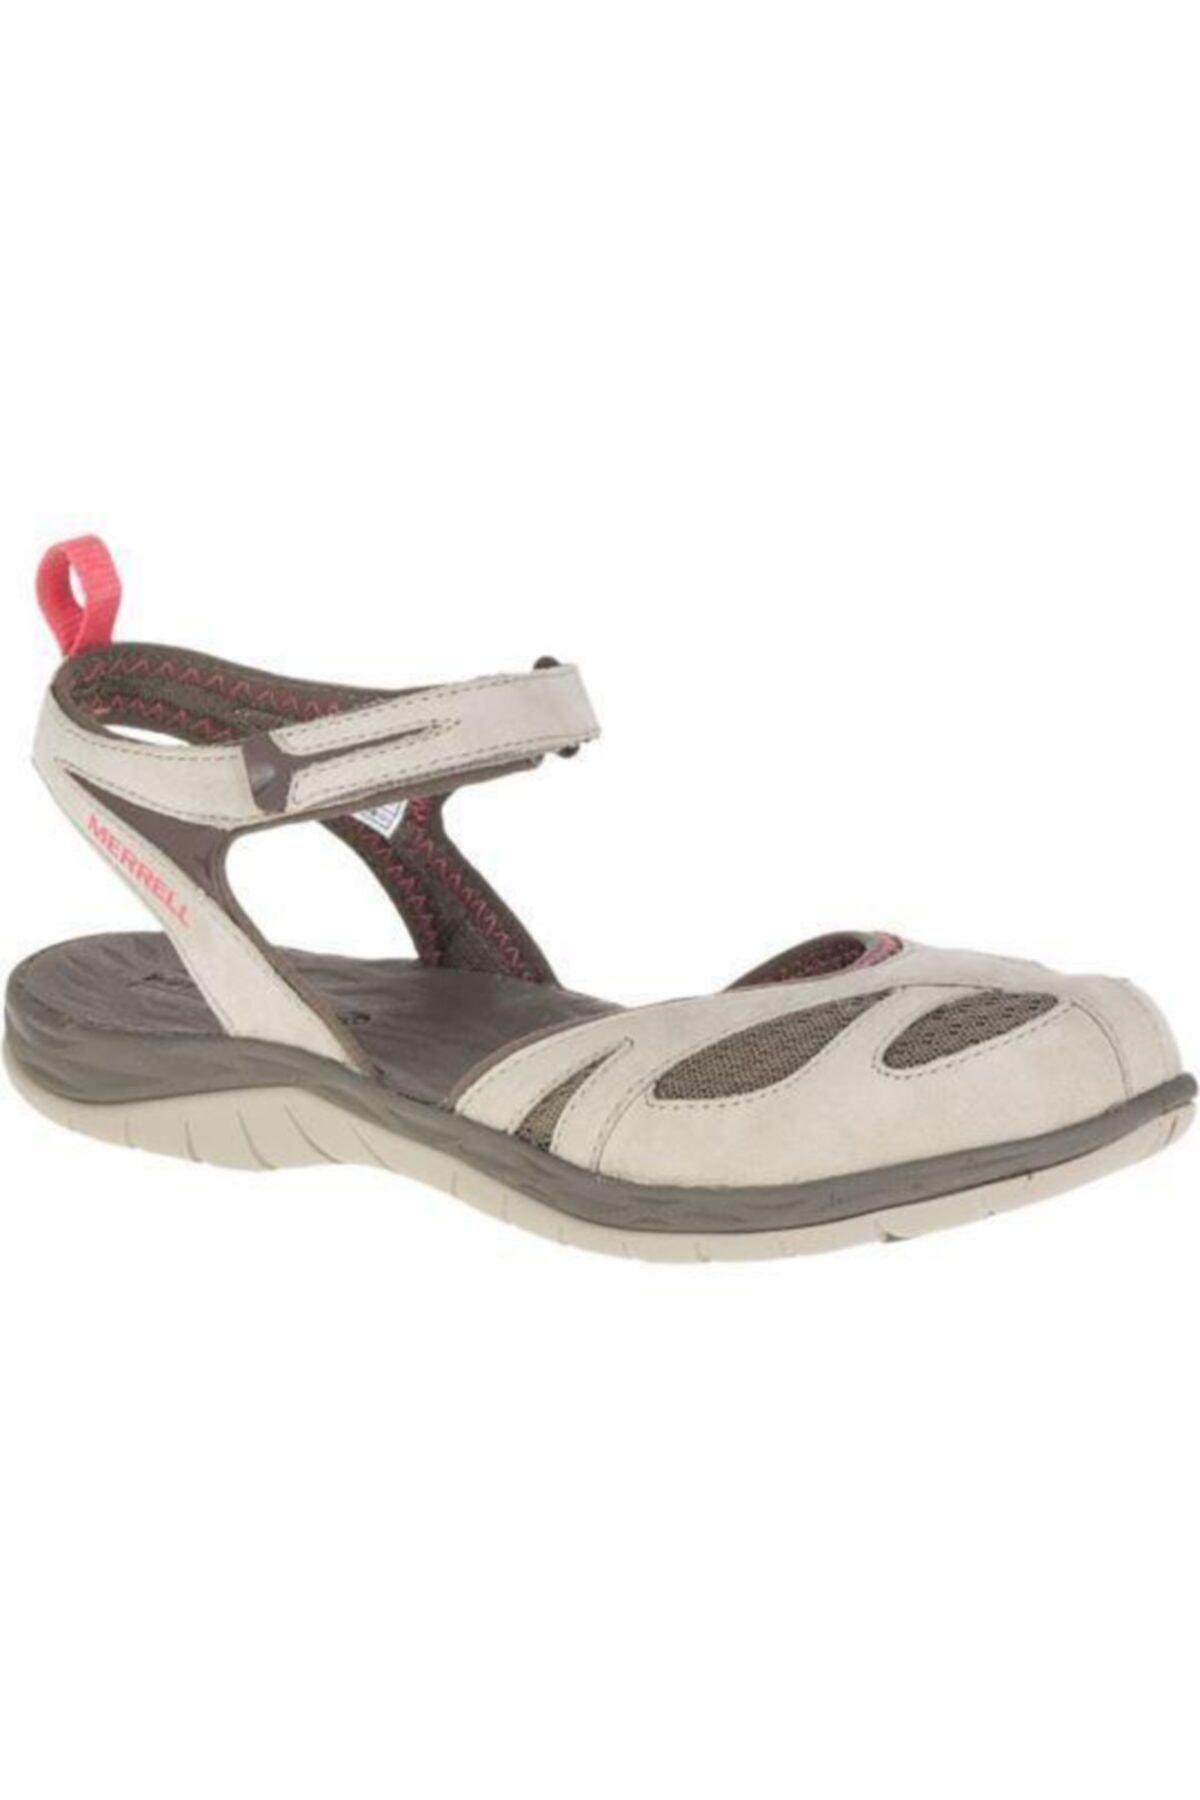 Merrell J37484 Siren Wrap Q2 Aluminum Kadın Sandalet 1